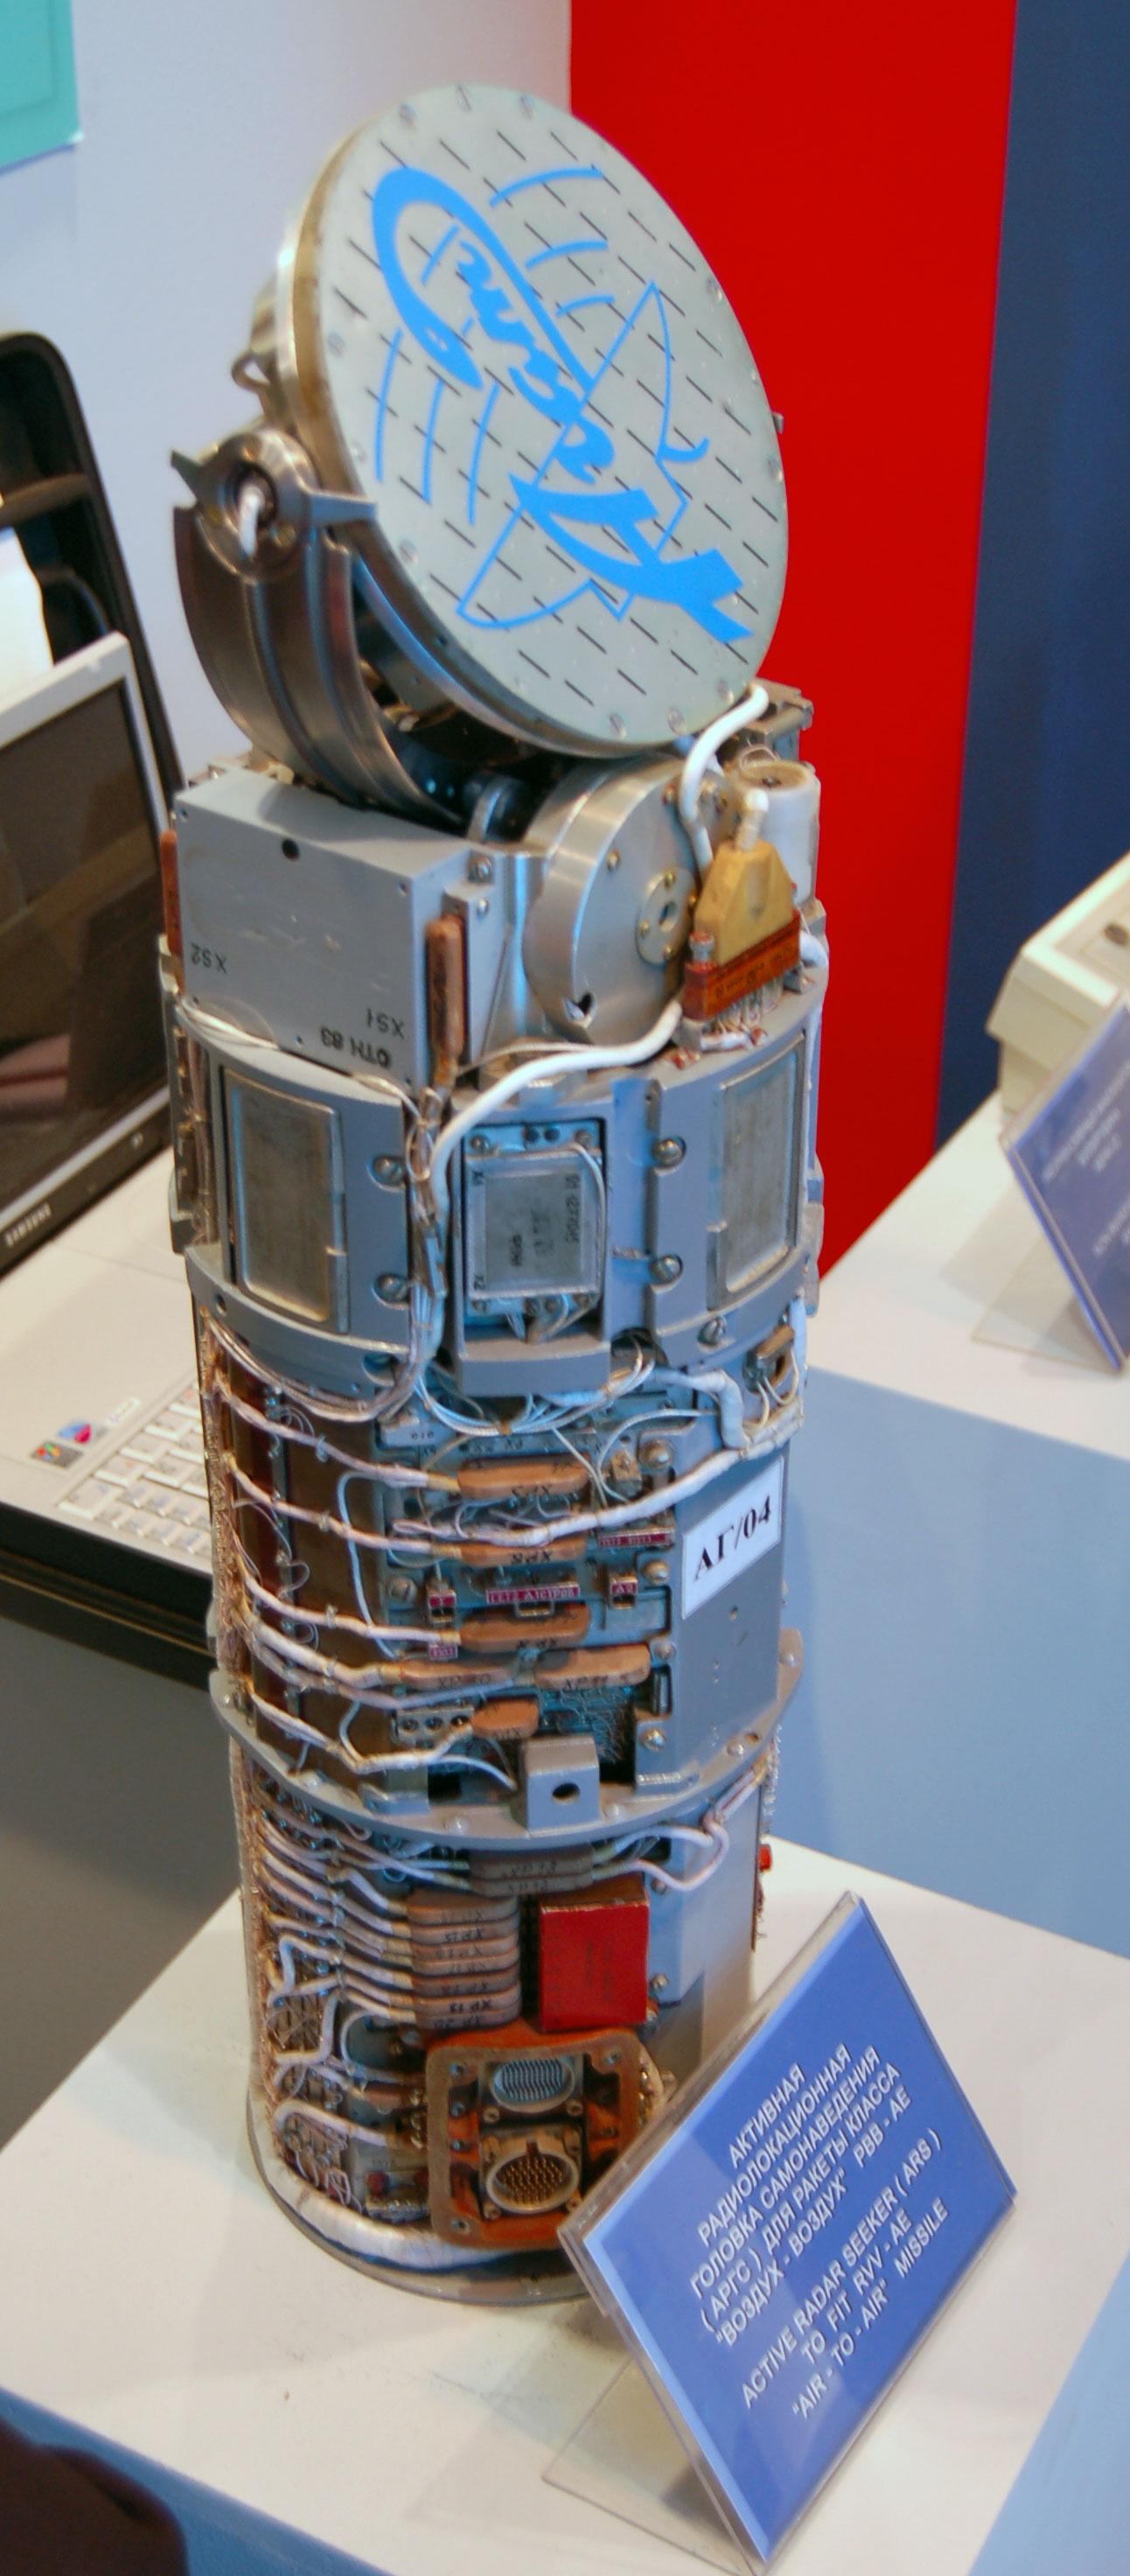 Seeker_Vympel-R-77-maks2009.jpg